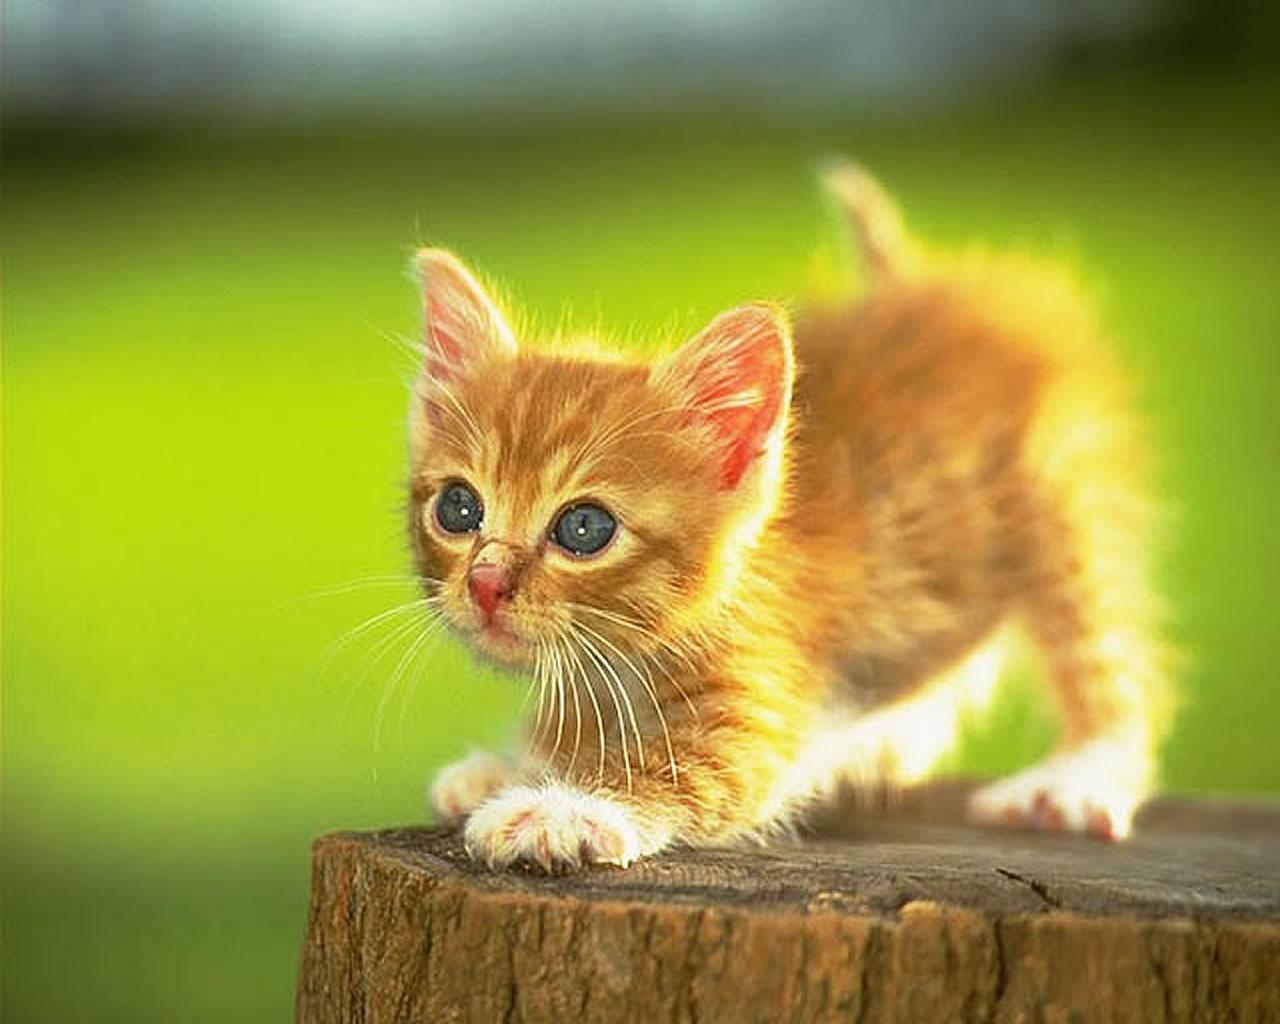 download wallpaper: katje op een boomstronk wallpaper